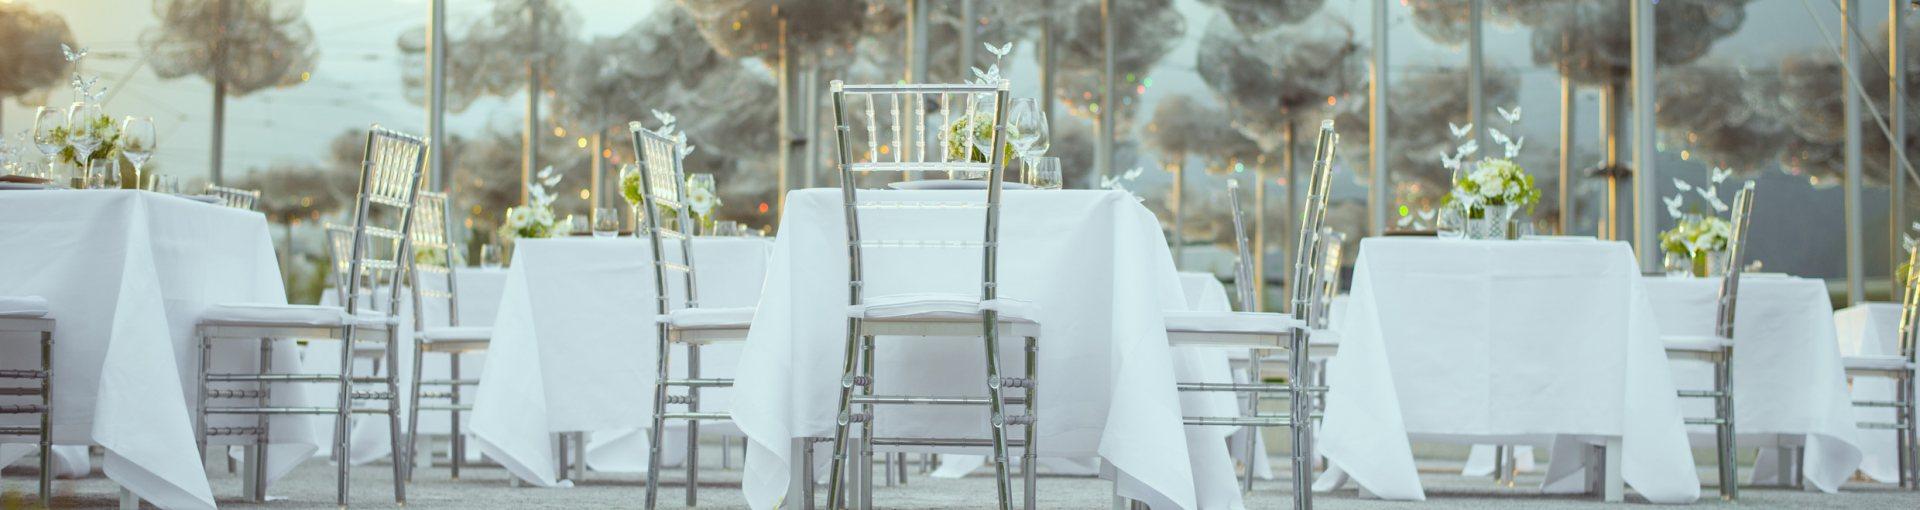 Dinner unter dem Kristallhimmel - Swarovski Kristallwelten